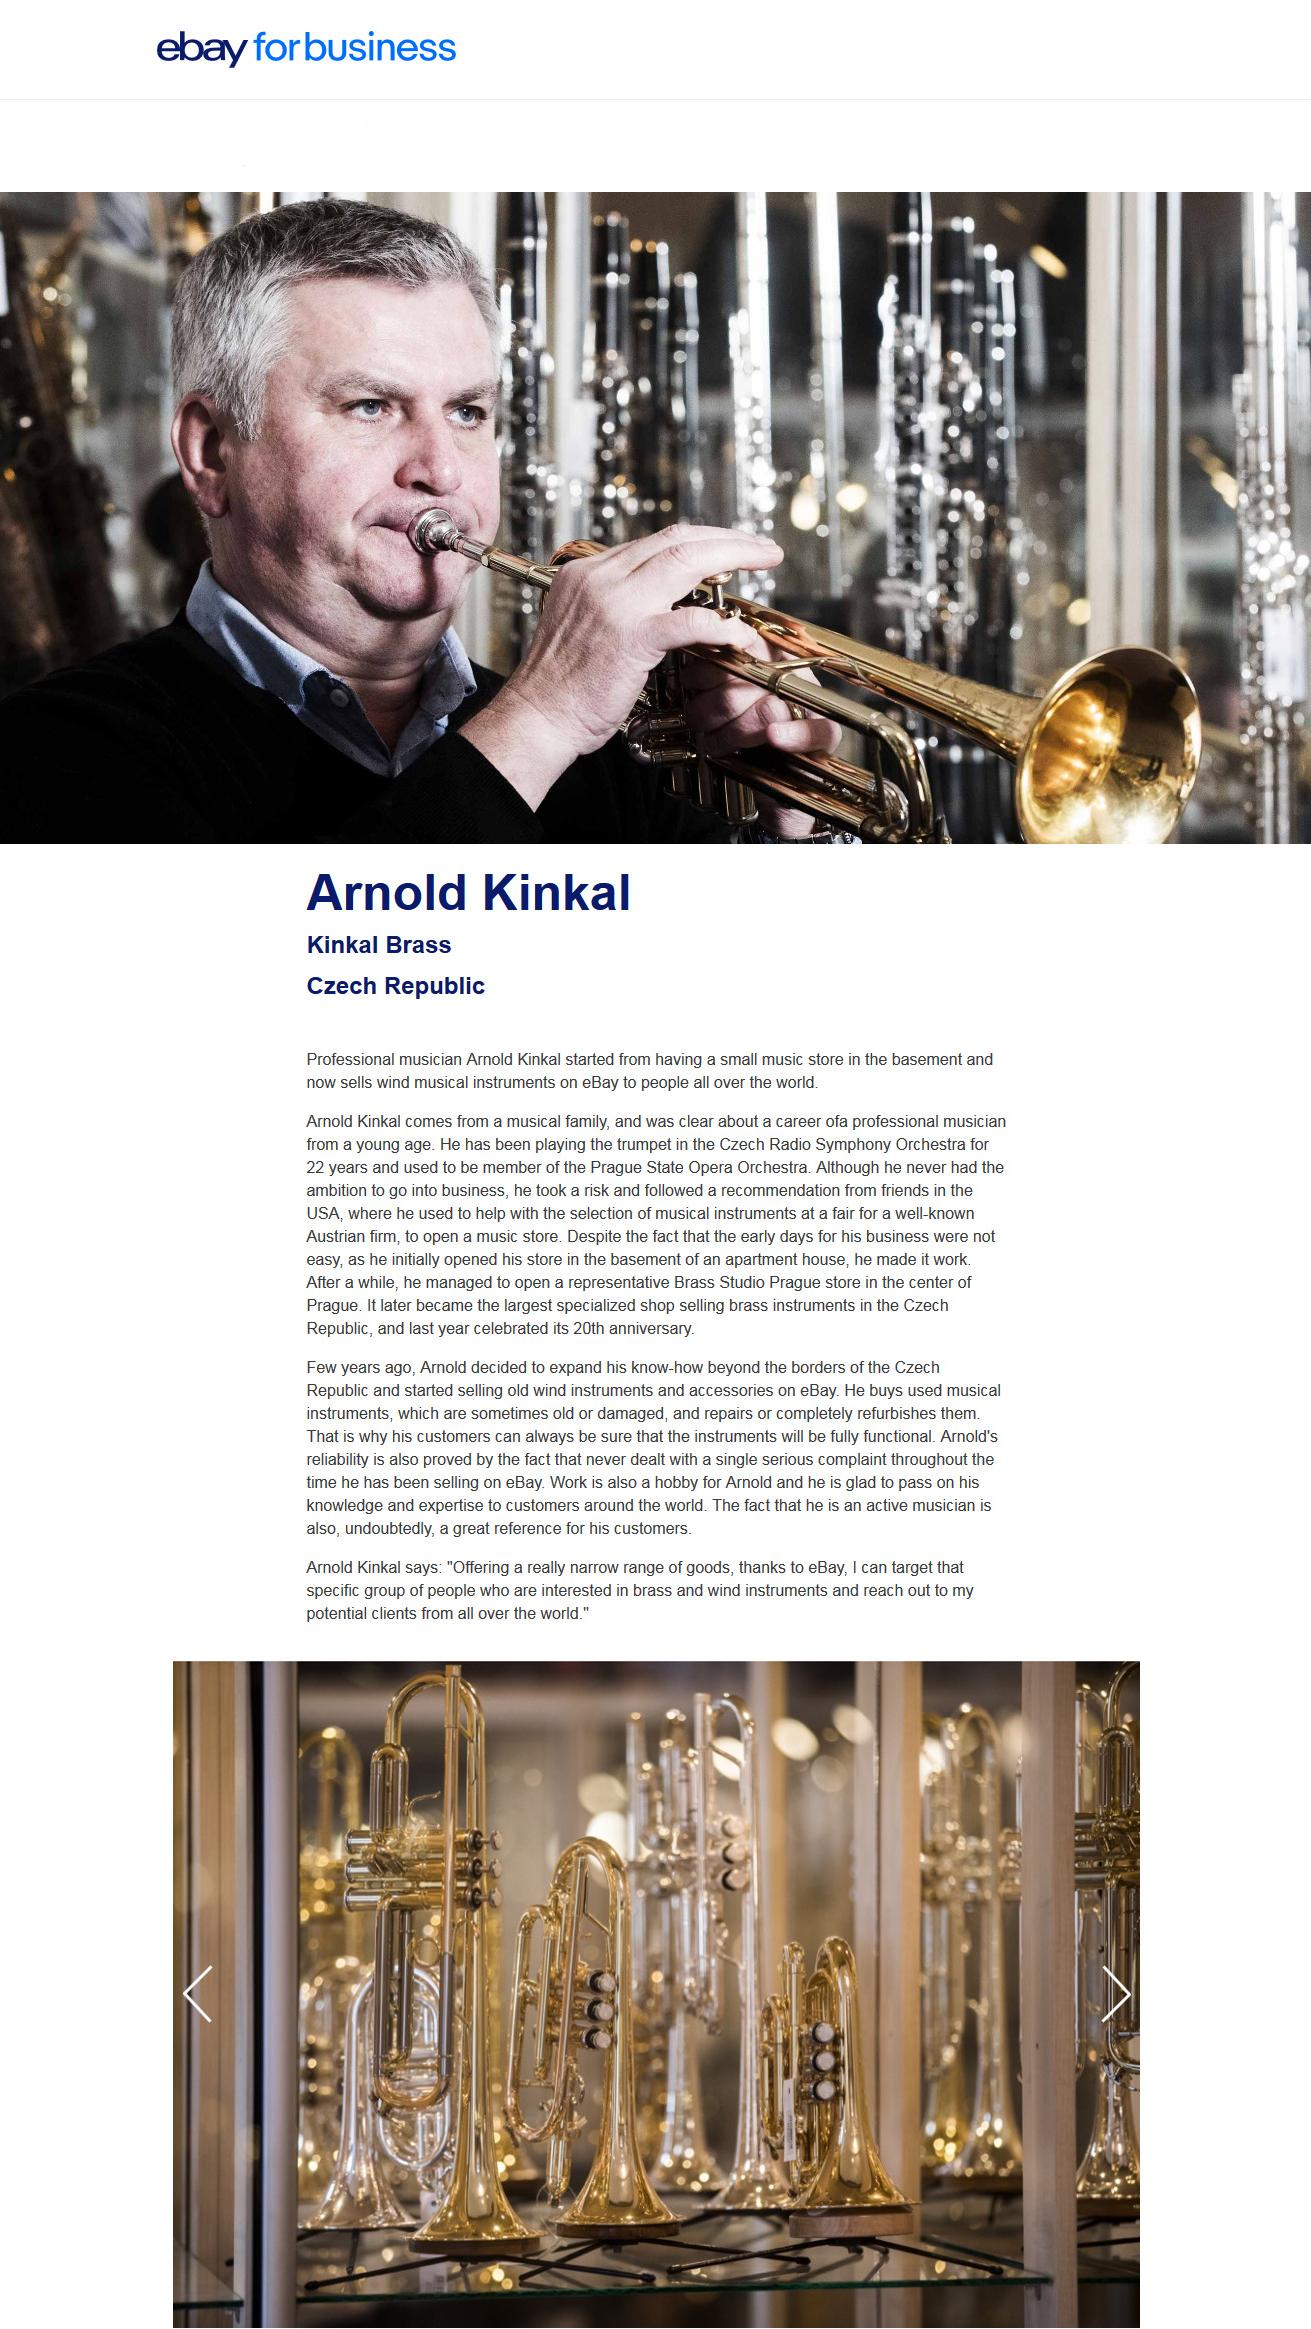 Arnold Kinkal - článek na eBay.com